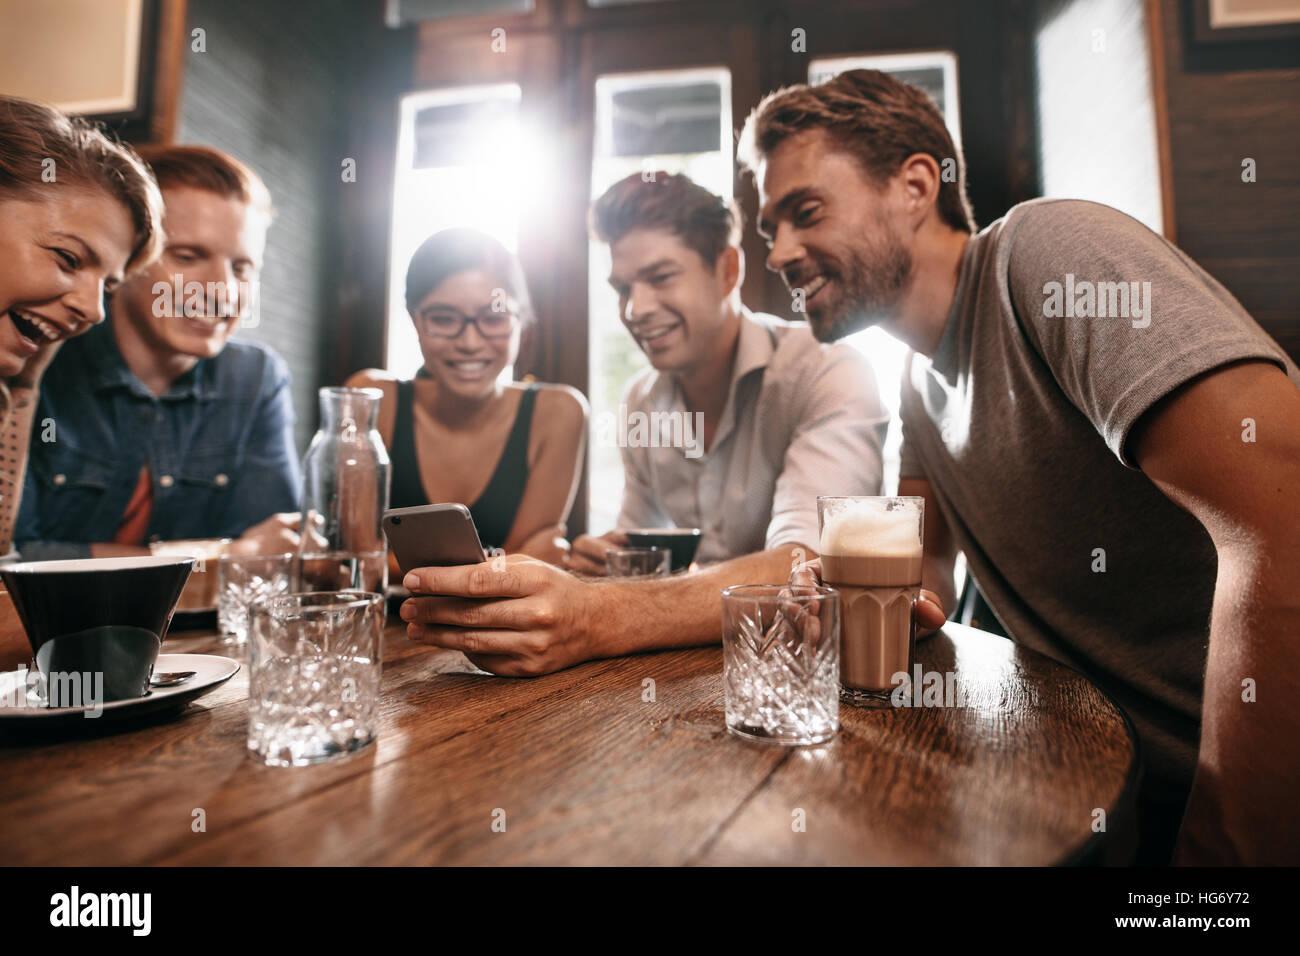 Gruppo di amici seduti attorno a un tavolo del bar e guardare il telefono cellulare. Giovani uomini e donne guardando Immagini Stock